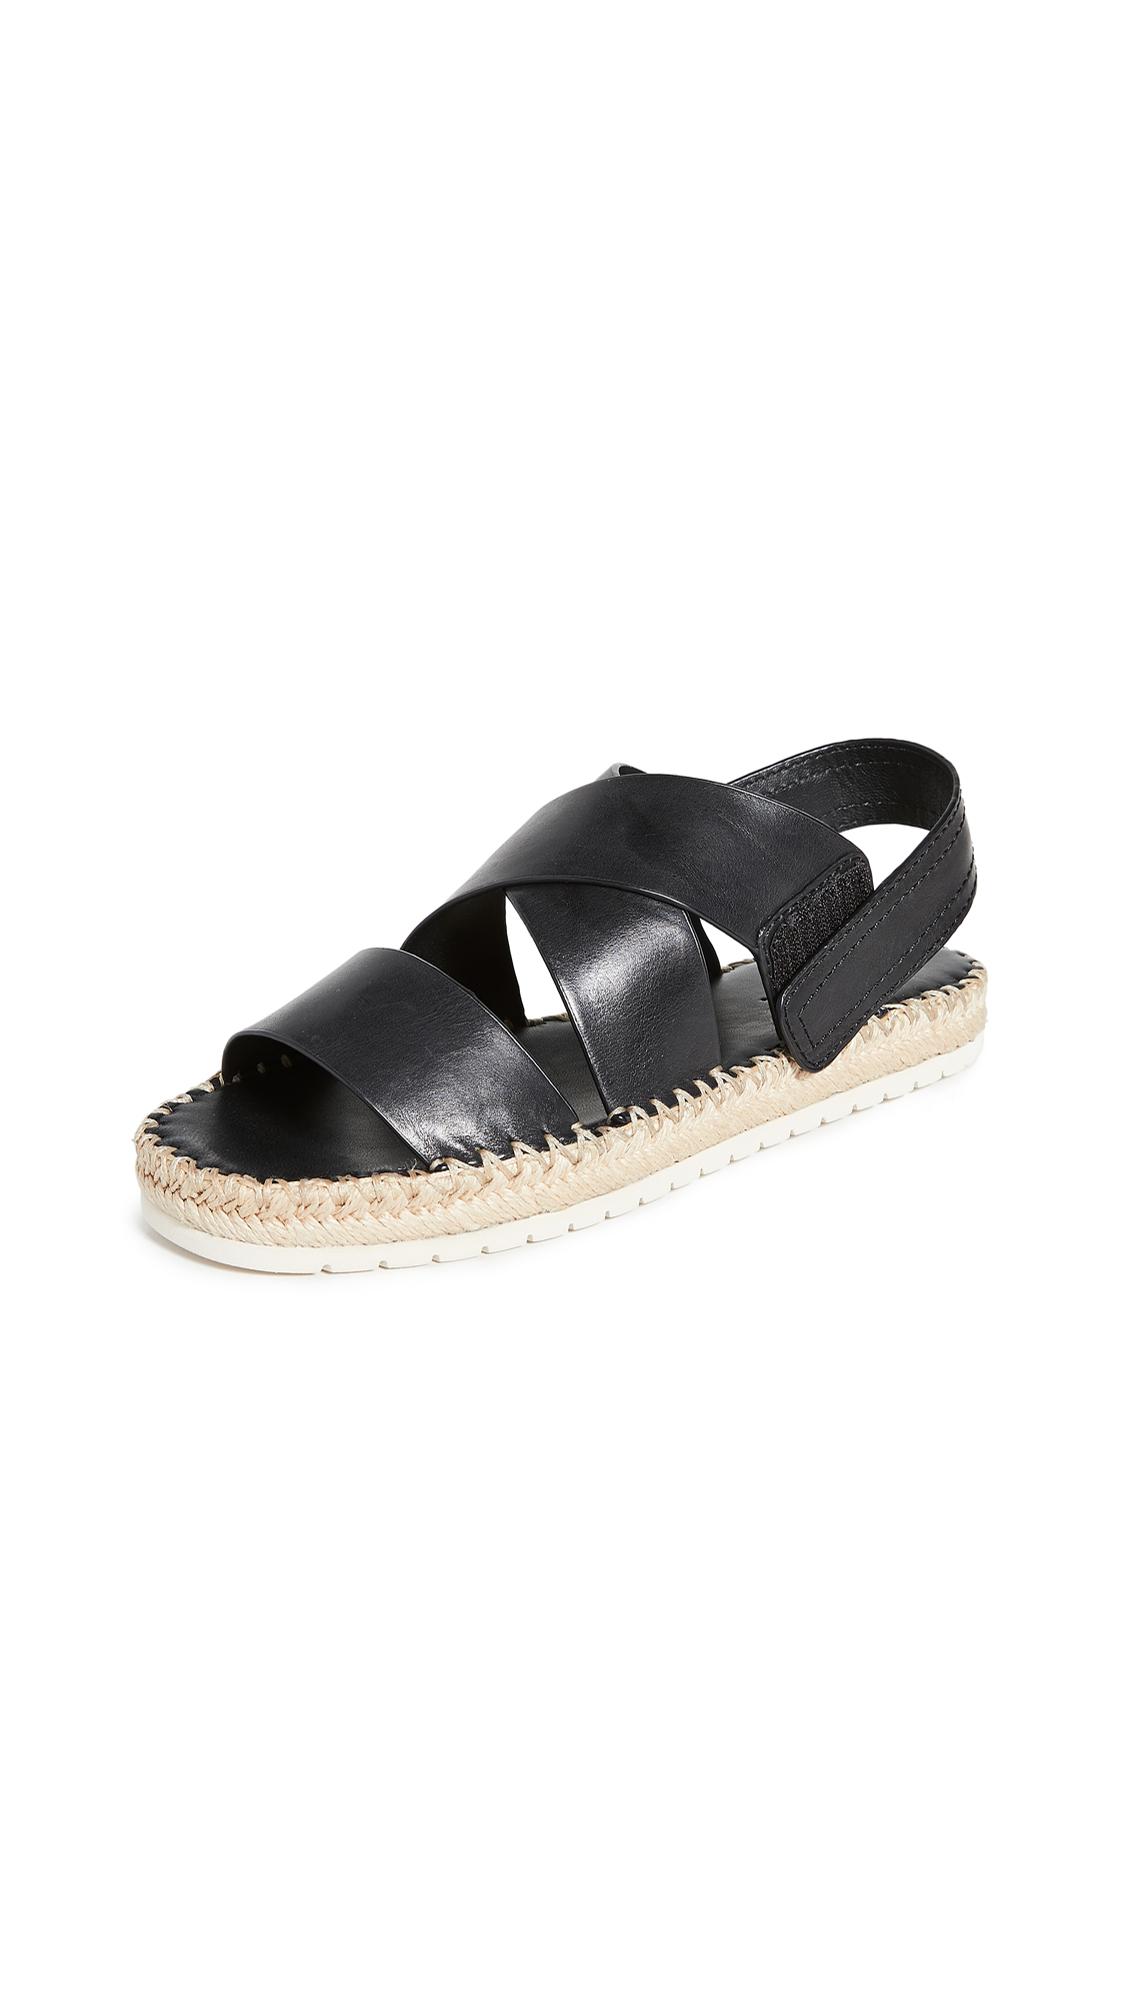 Buy Vince Tenison Sandals online, shop Vince